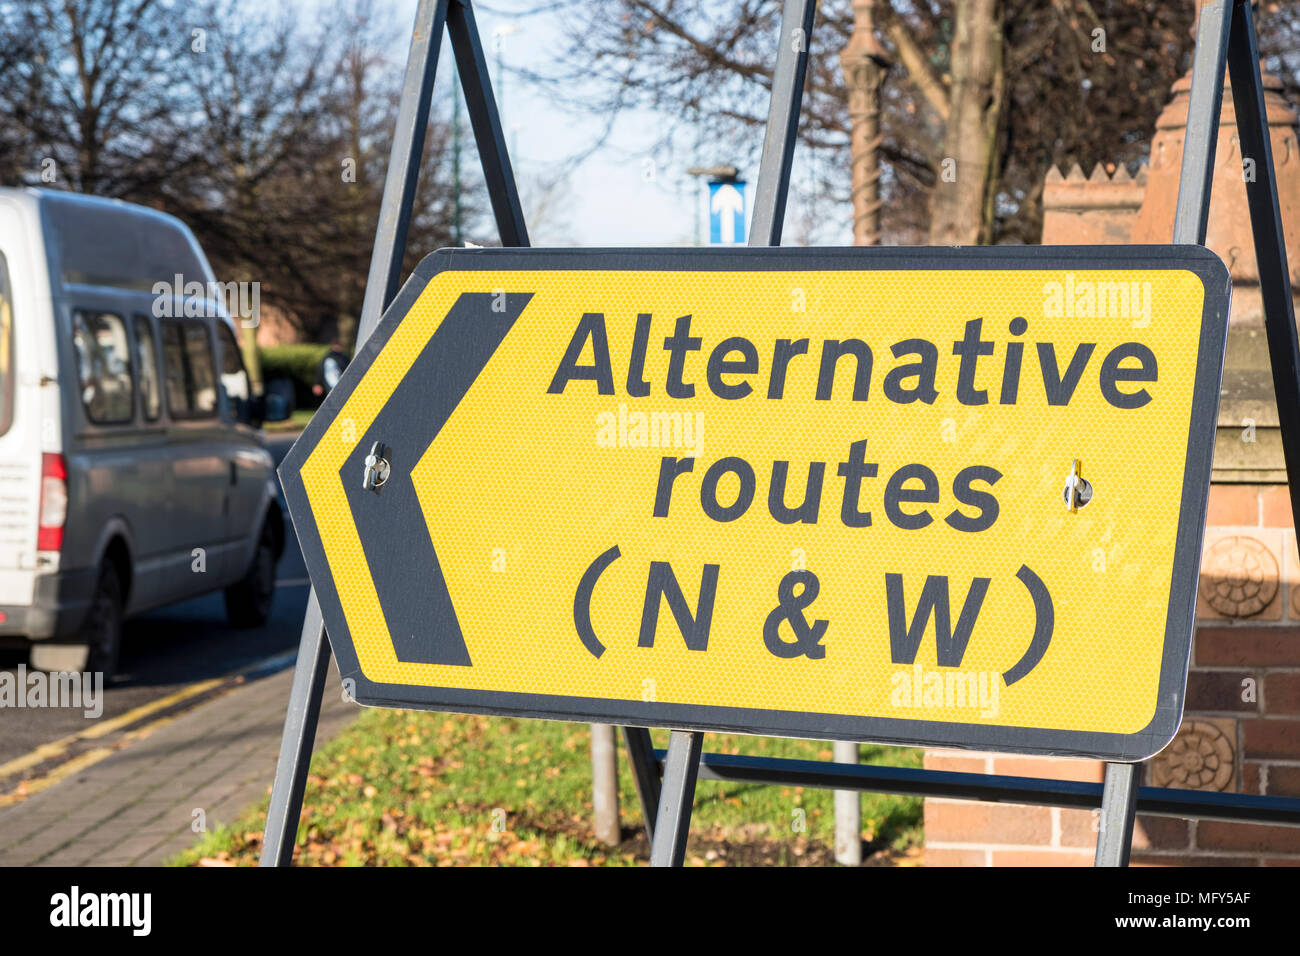 Befristete alternative Routen Straßenschild Verkehr umleiten, Nottingham, England, Großbritannien Stockfoto